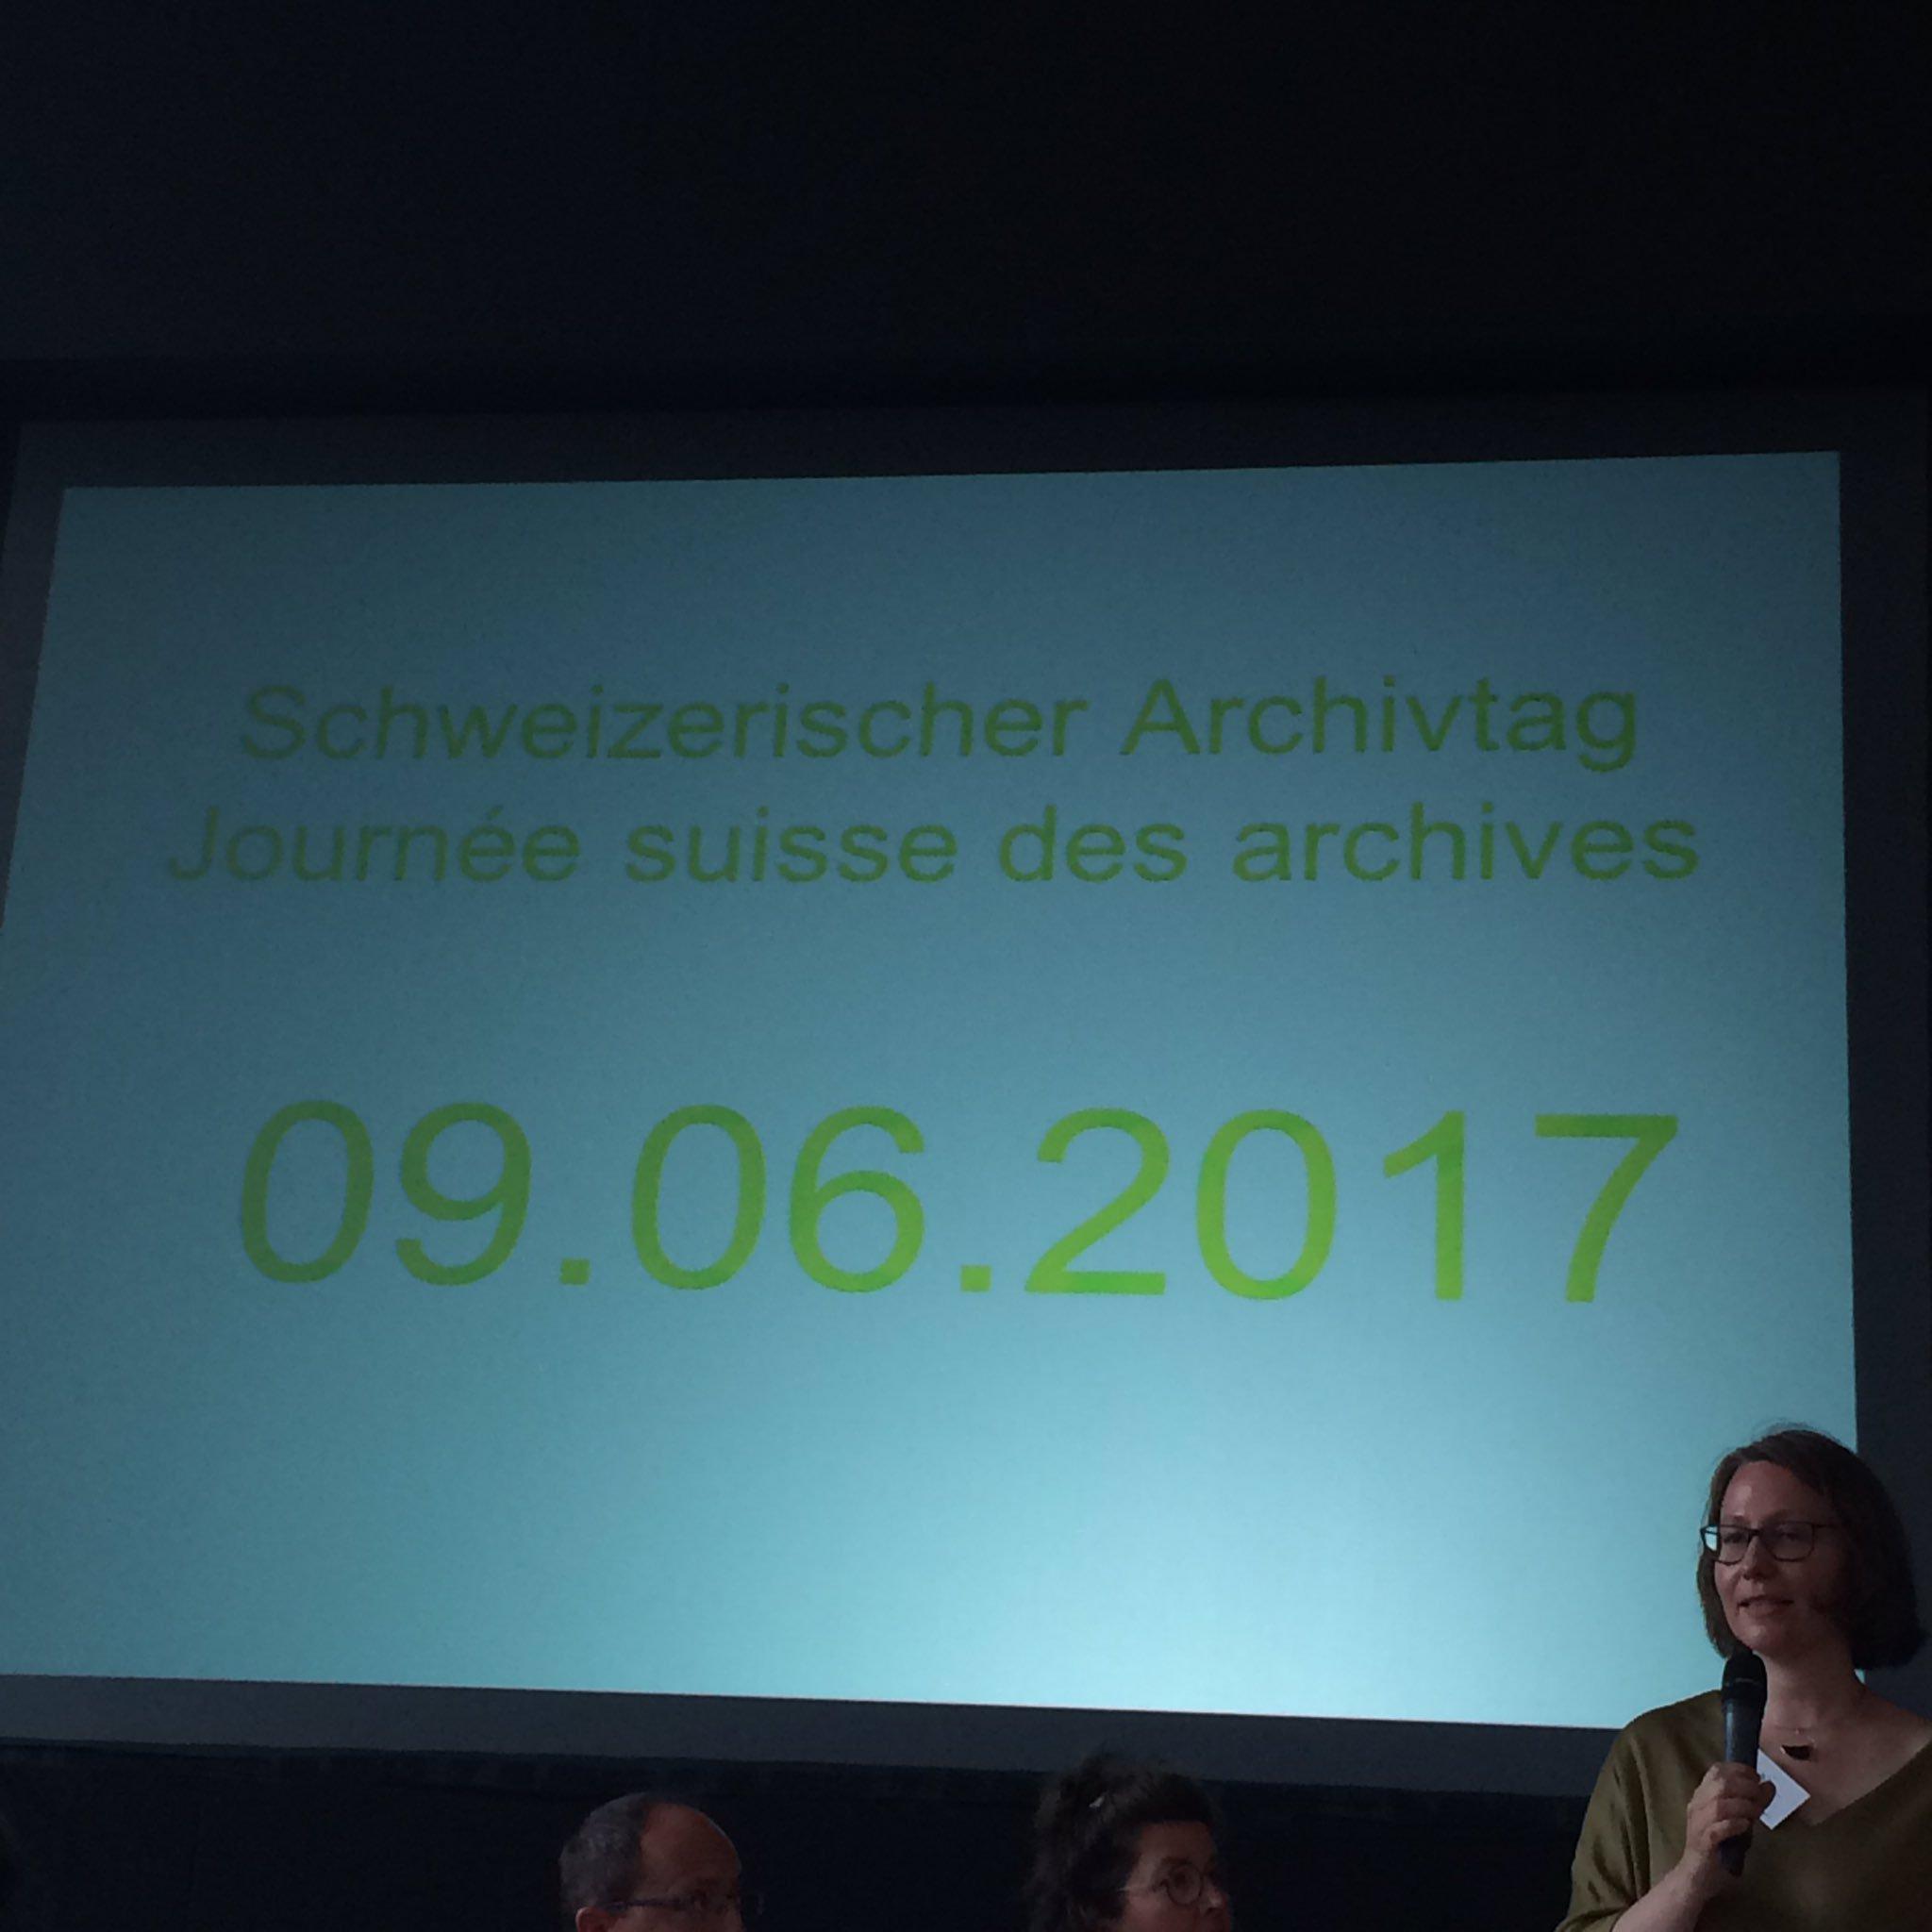 9 juin 2017: journée suisse  des archives - Linked / Open data (ça tombe bien #demain )  #archivCH https://t.co/tu1YYYpCN9